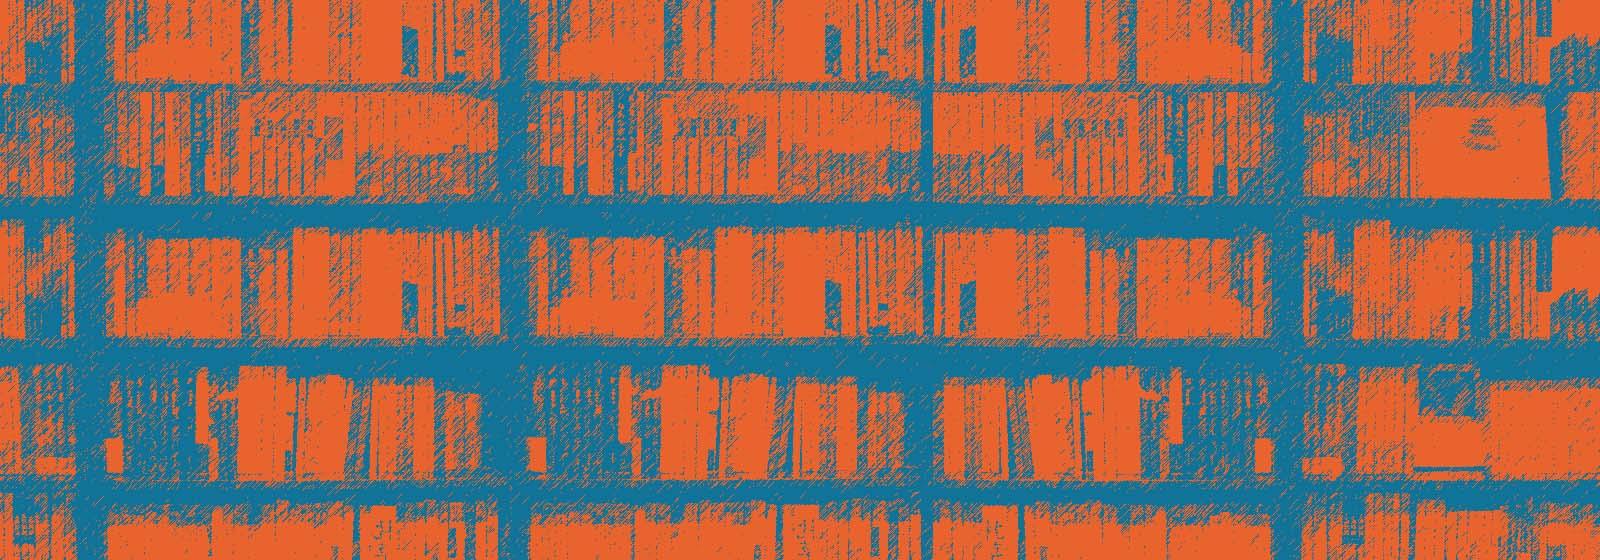 5 необычных книг о Китае